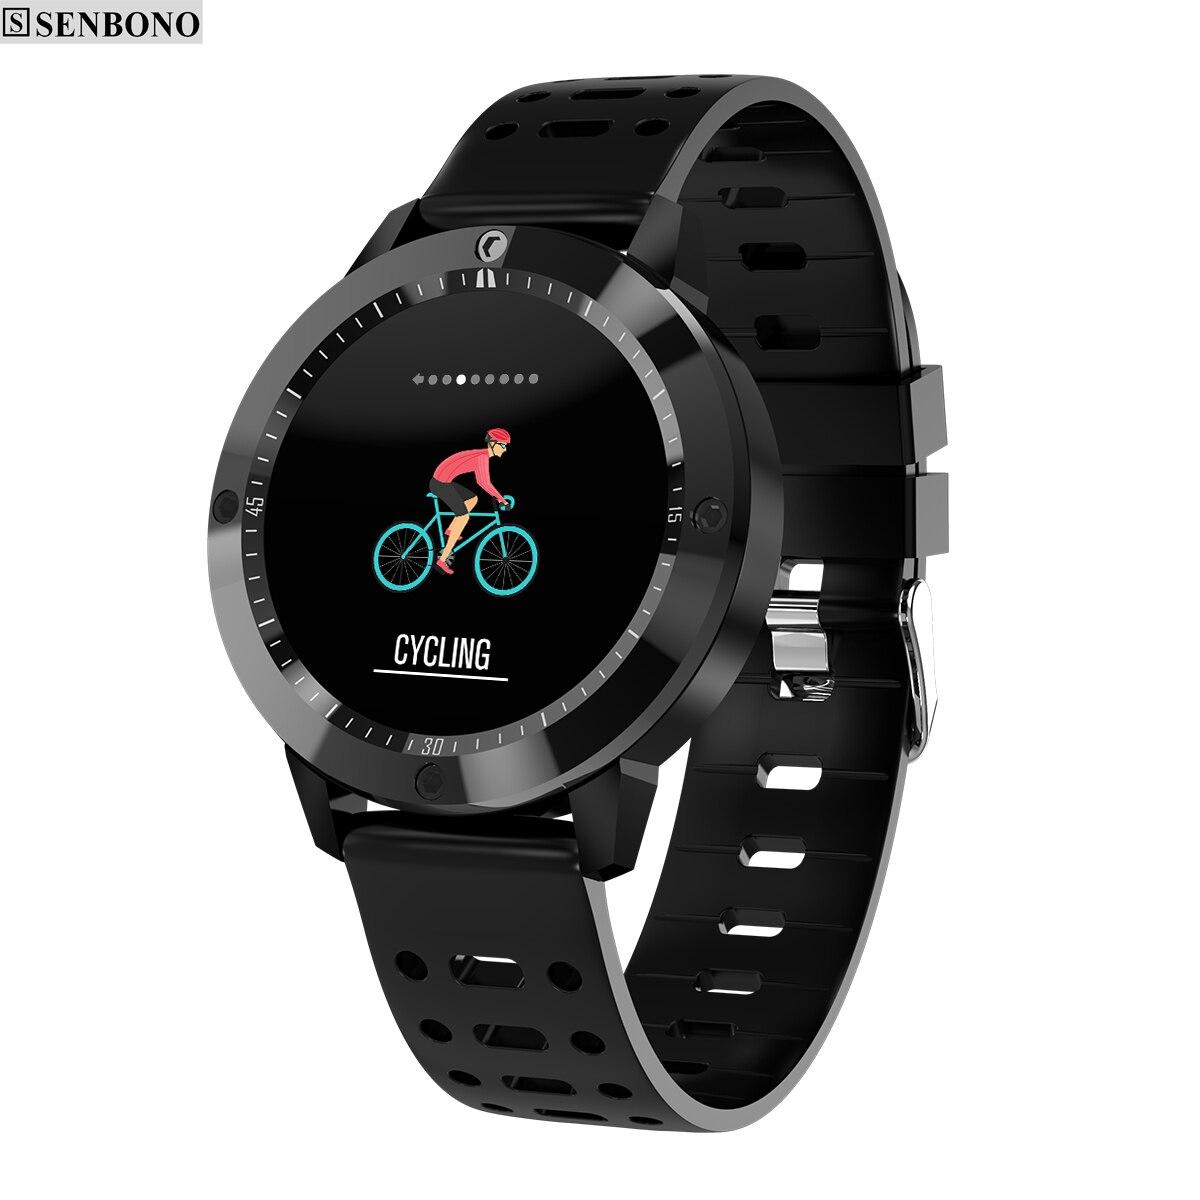 SENBONO CF58 reloj inteligente IP67 impermeable rastreador de ejercicios monitor del ritmo cardíaco de Deportes de las mujeres de los hombres smartwatch para mi banda Android IOS